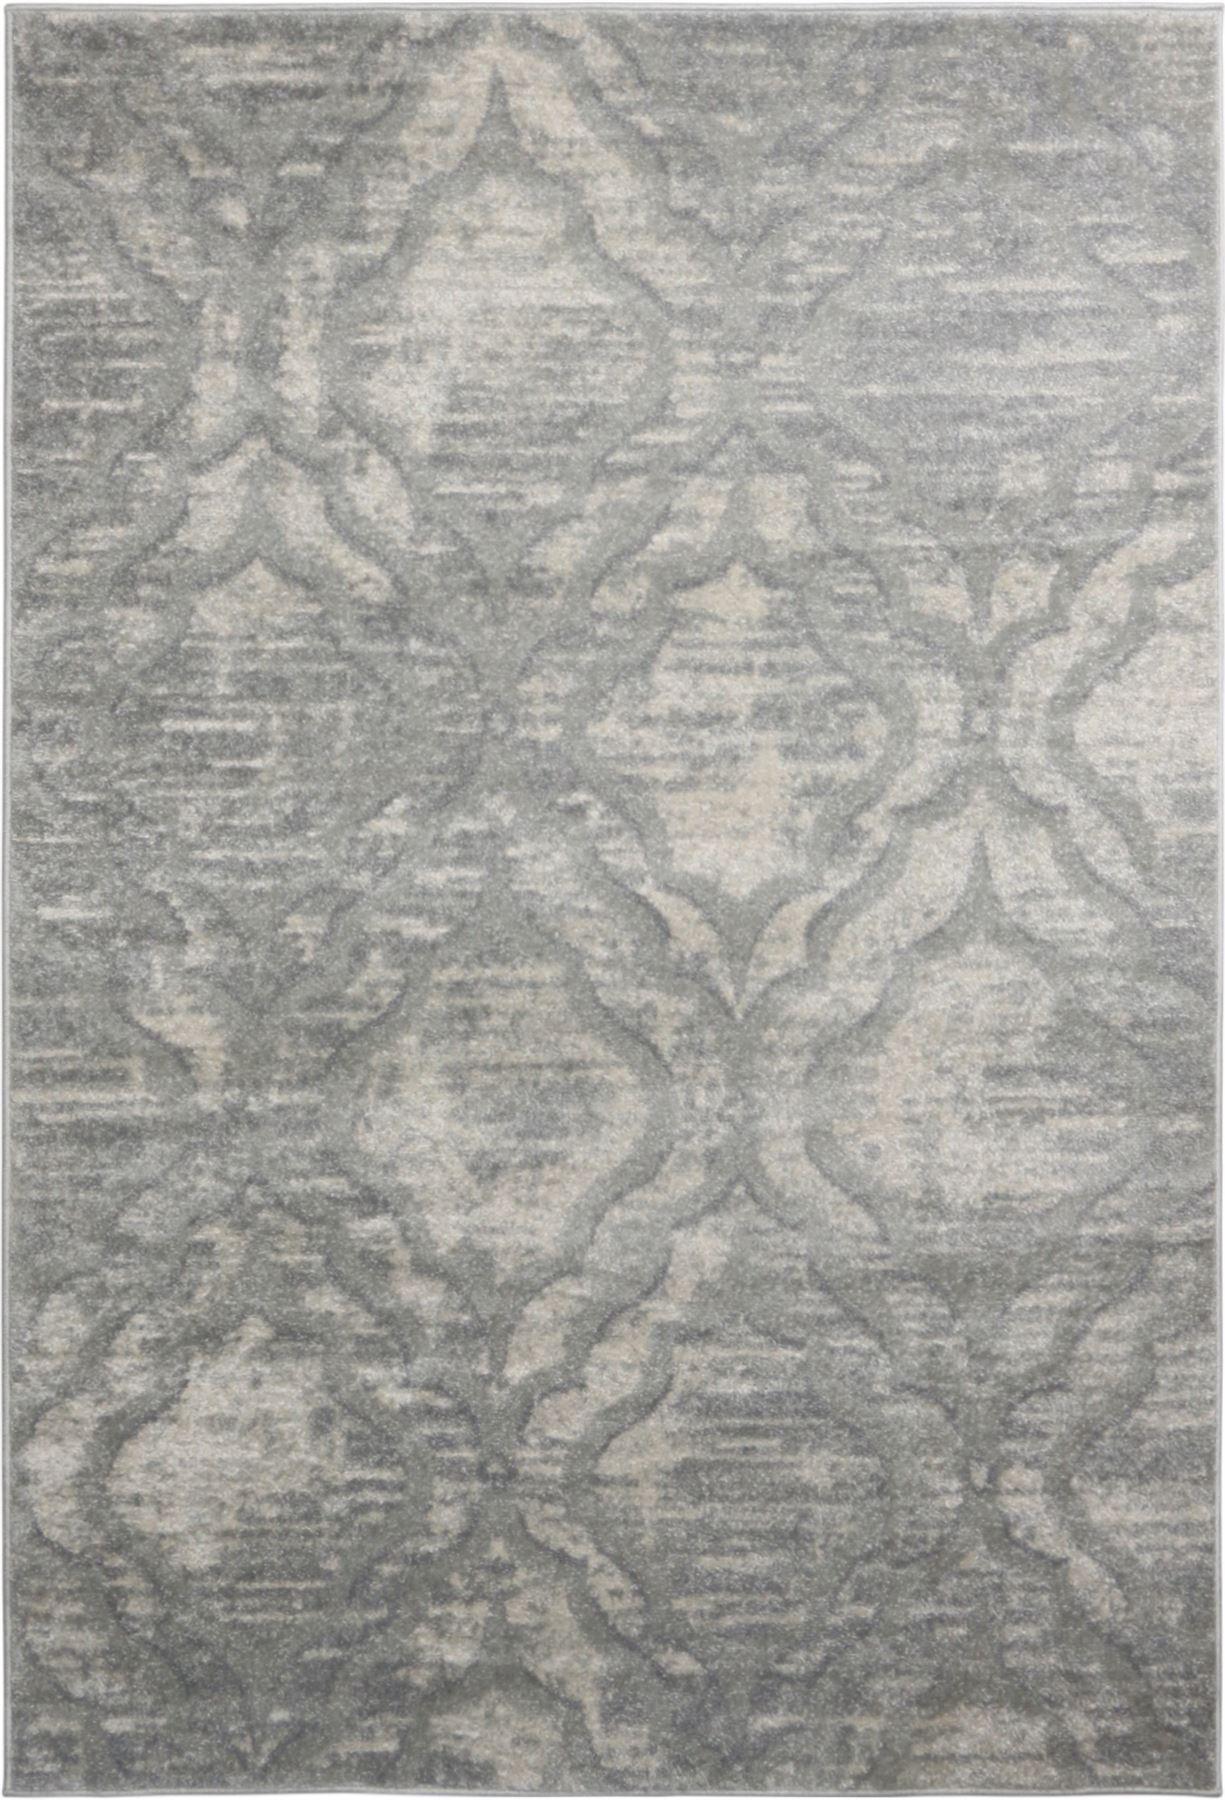 A2Z-grigio-grande-mix-di-moderni-tappeti-VINTAGE-dissolvenza-modelli-Design-Arredamento-Corridori miniatura 7